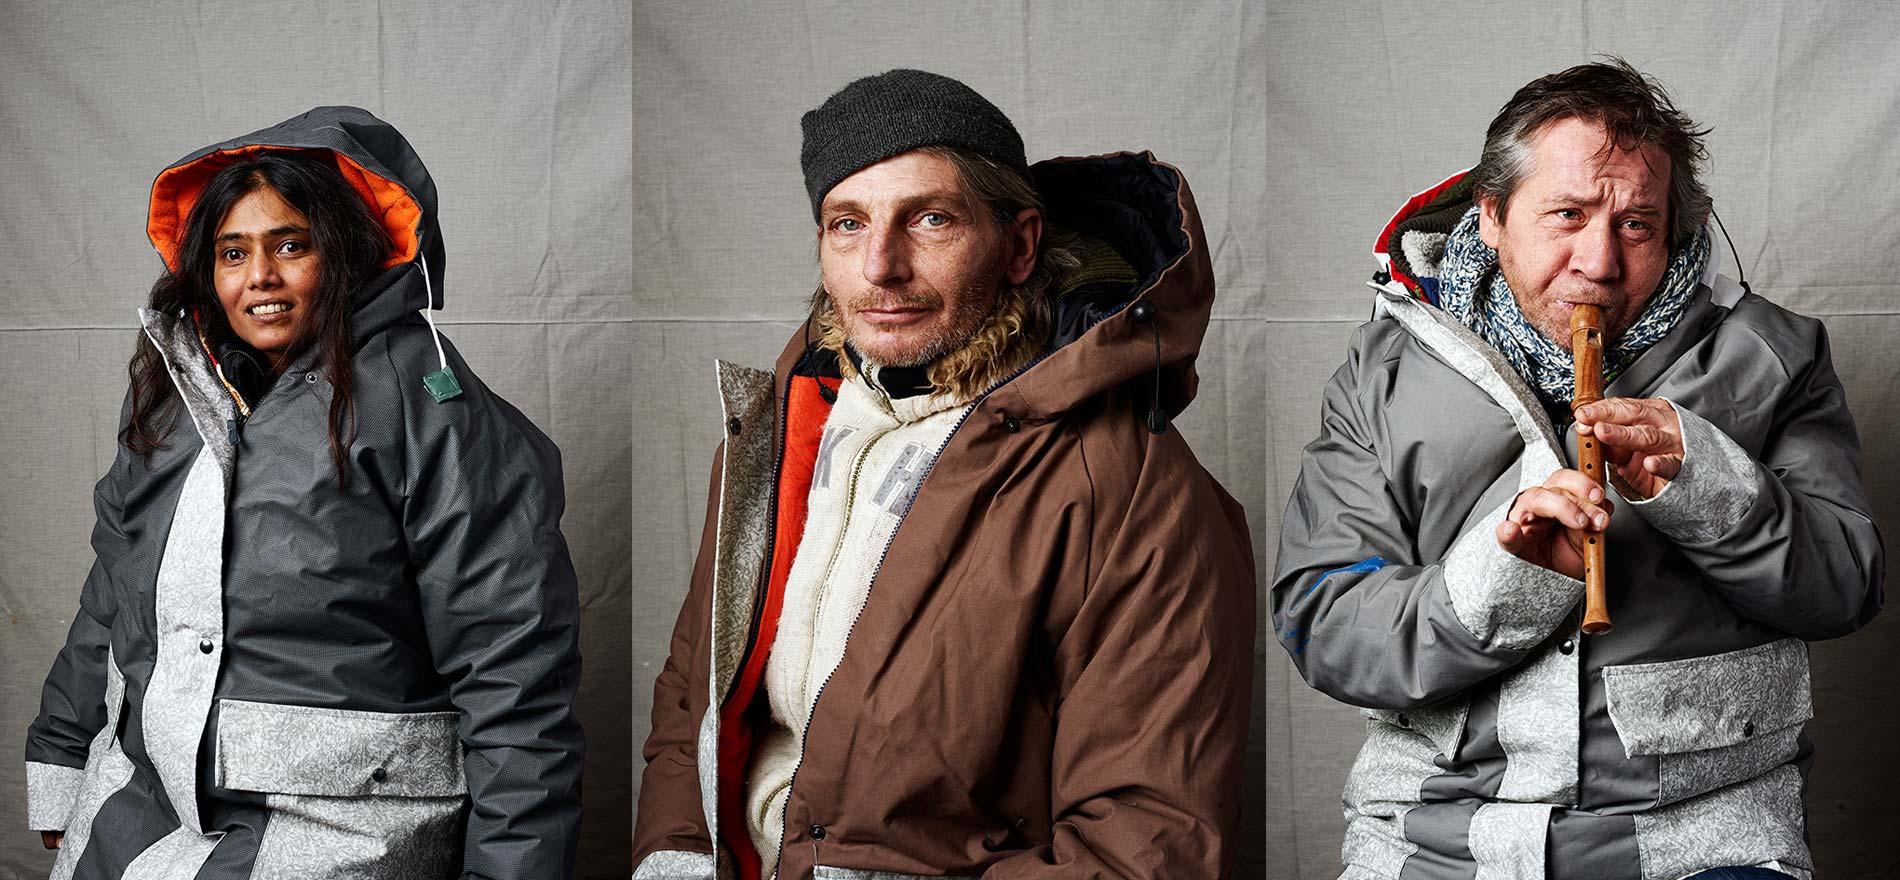 De mensen in de sheltersuit